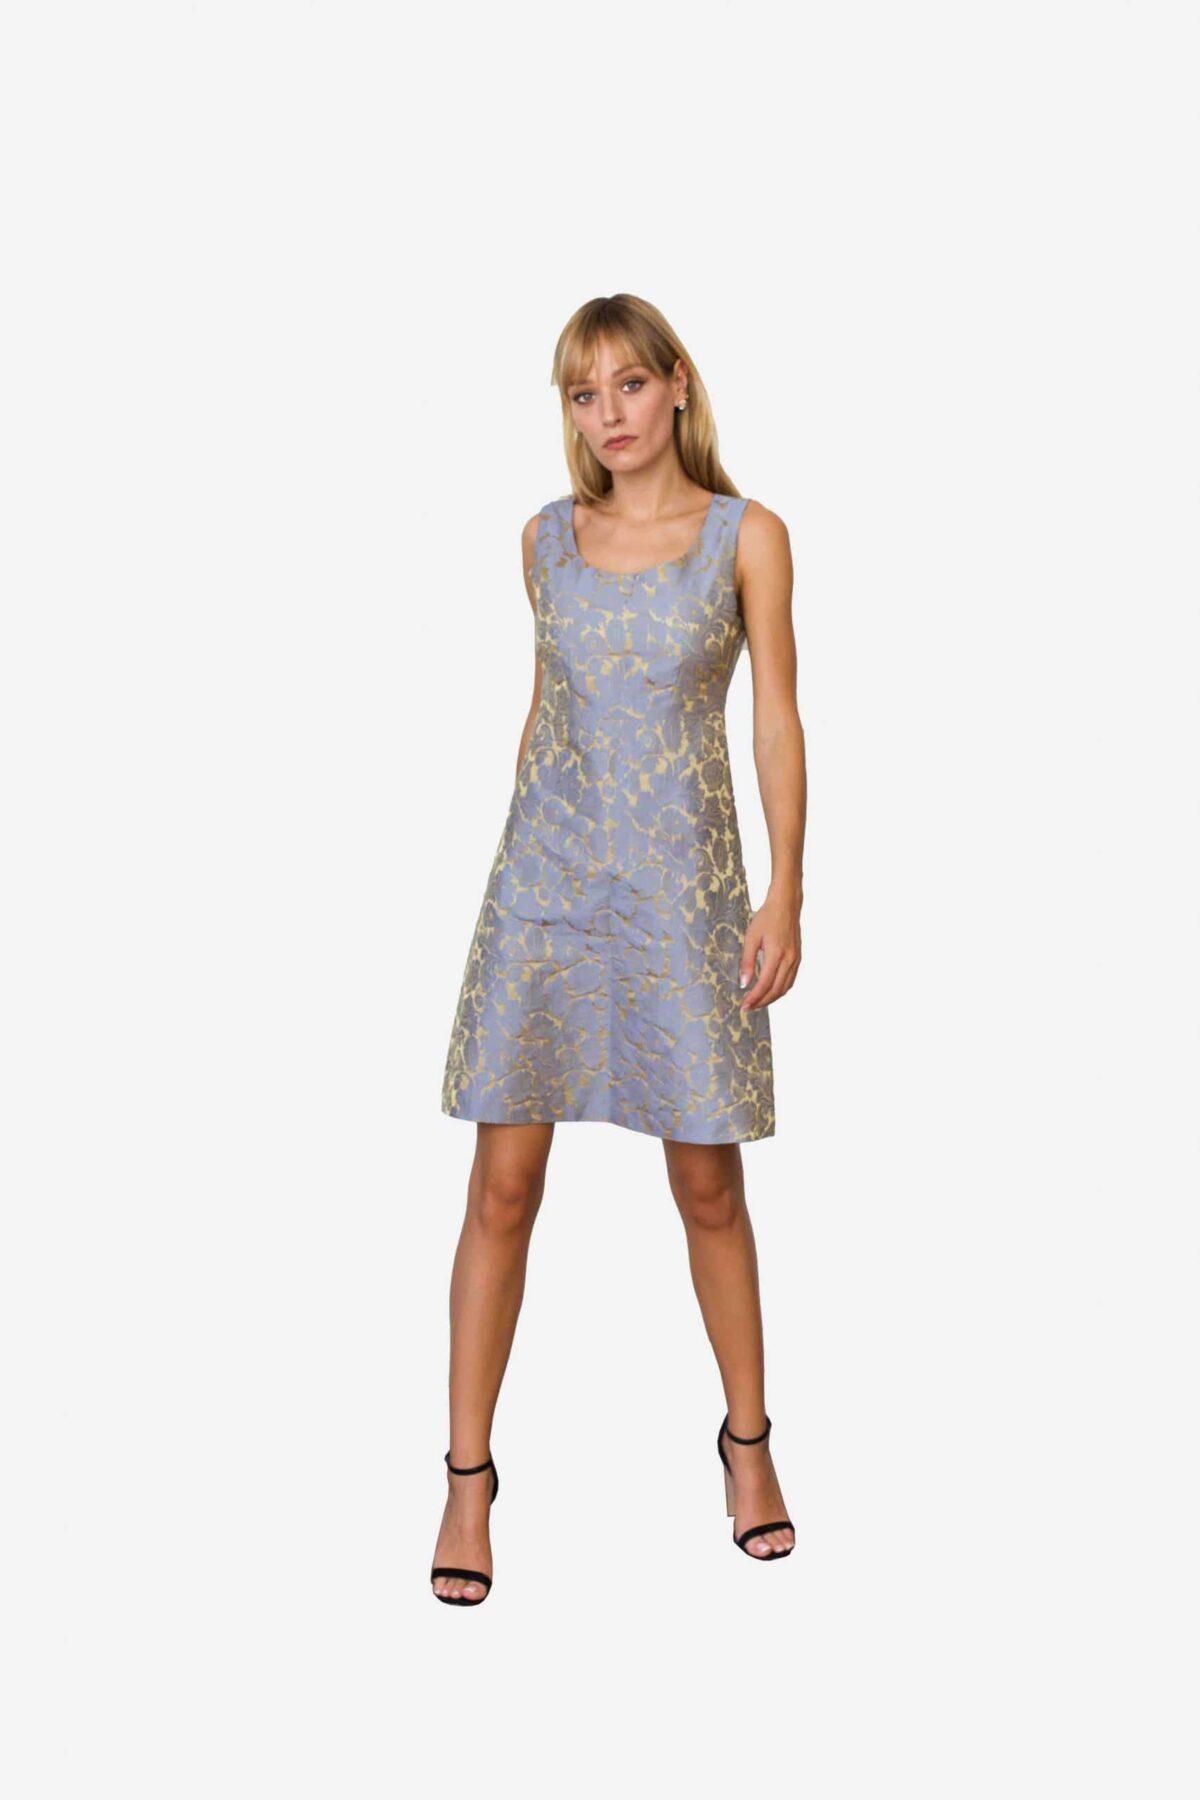 Kleid Madeleine von SANOGE. Exklusives Etuikleid aus blau goldenem Jacquard. Stoff aus Italien. Kleid hergestellt in Deutschland.